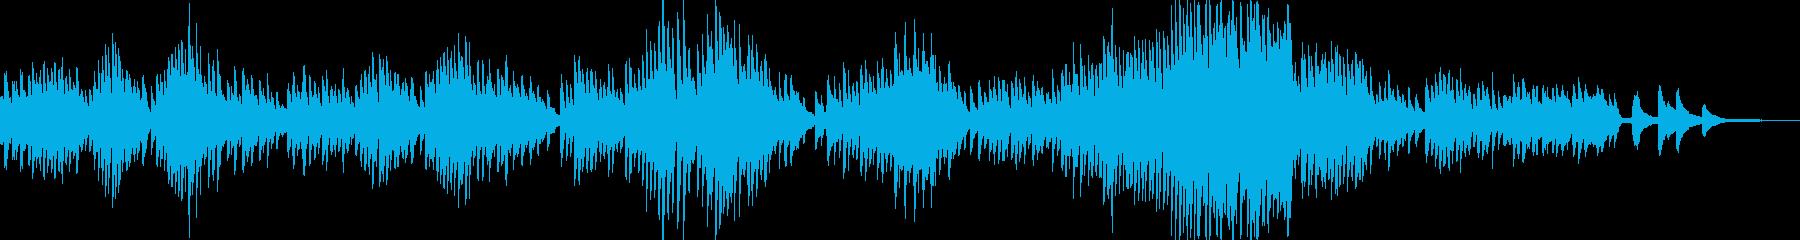 愛のあいさつ/エルガー【ピアノソロ】の再生済みの波形